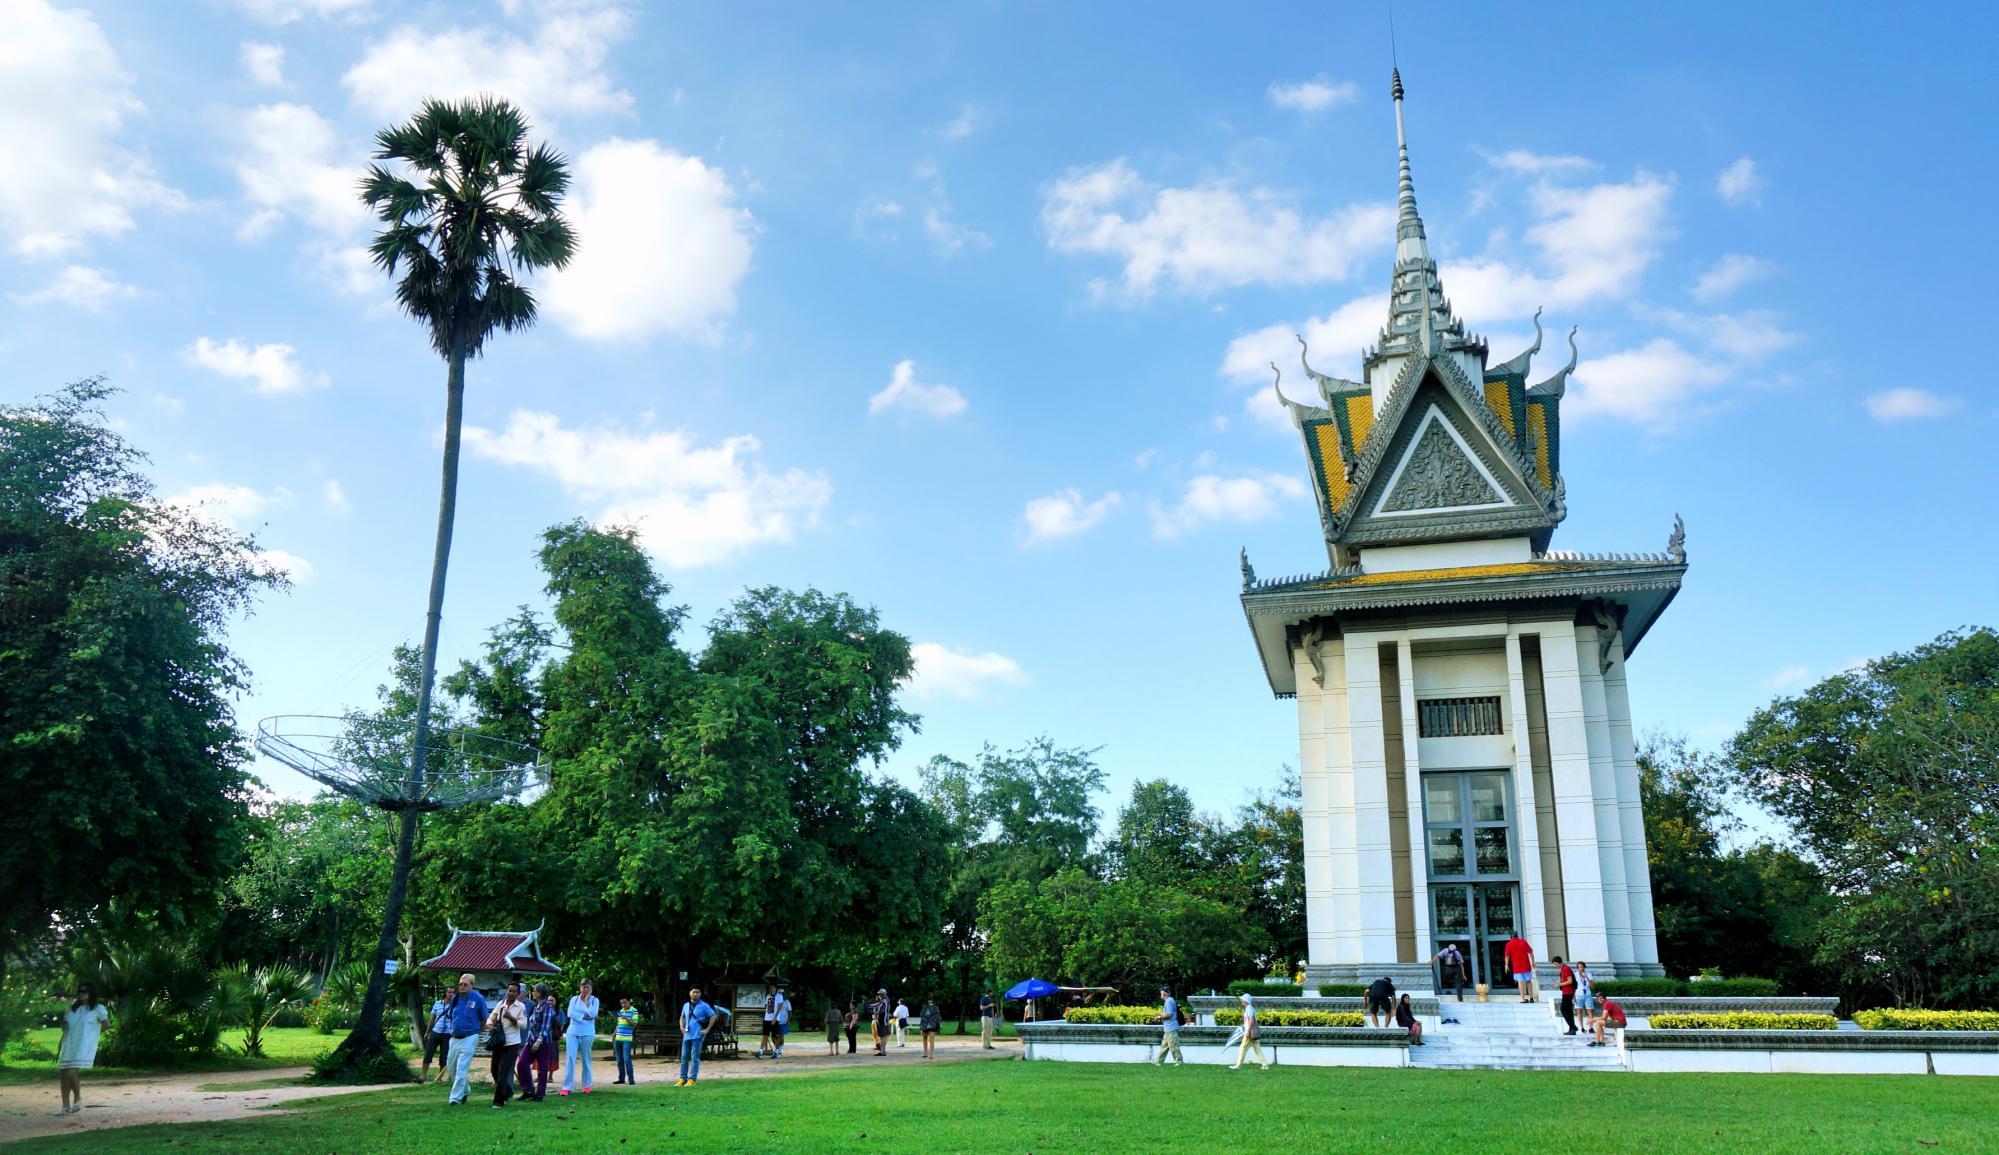 Zaledwie 40 lat temu krwawi dyktatorzy zamordowali 1/4 ludności Kambodży. Oto jak dziś wyglądają miejsca tortur